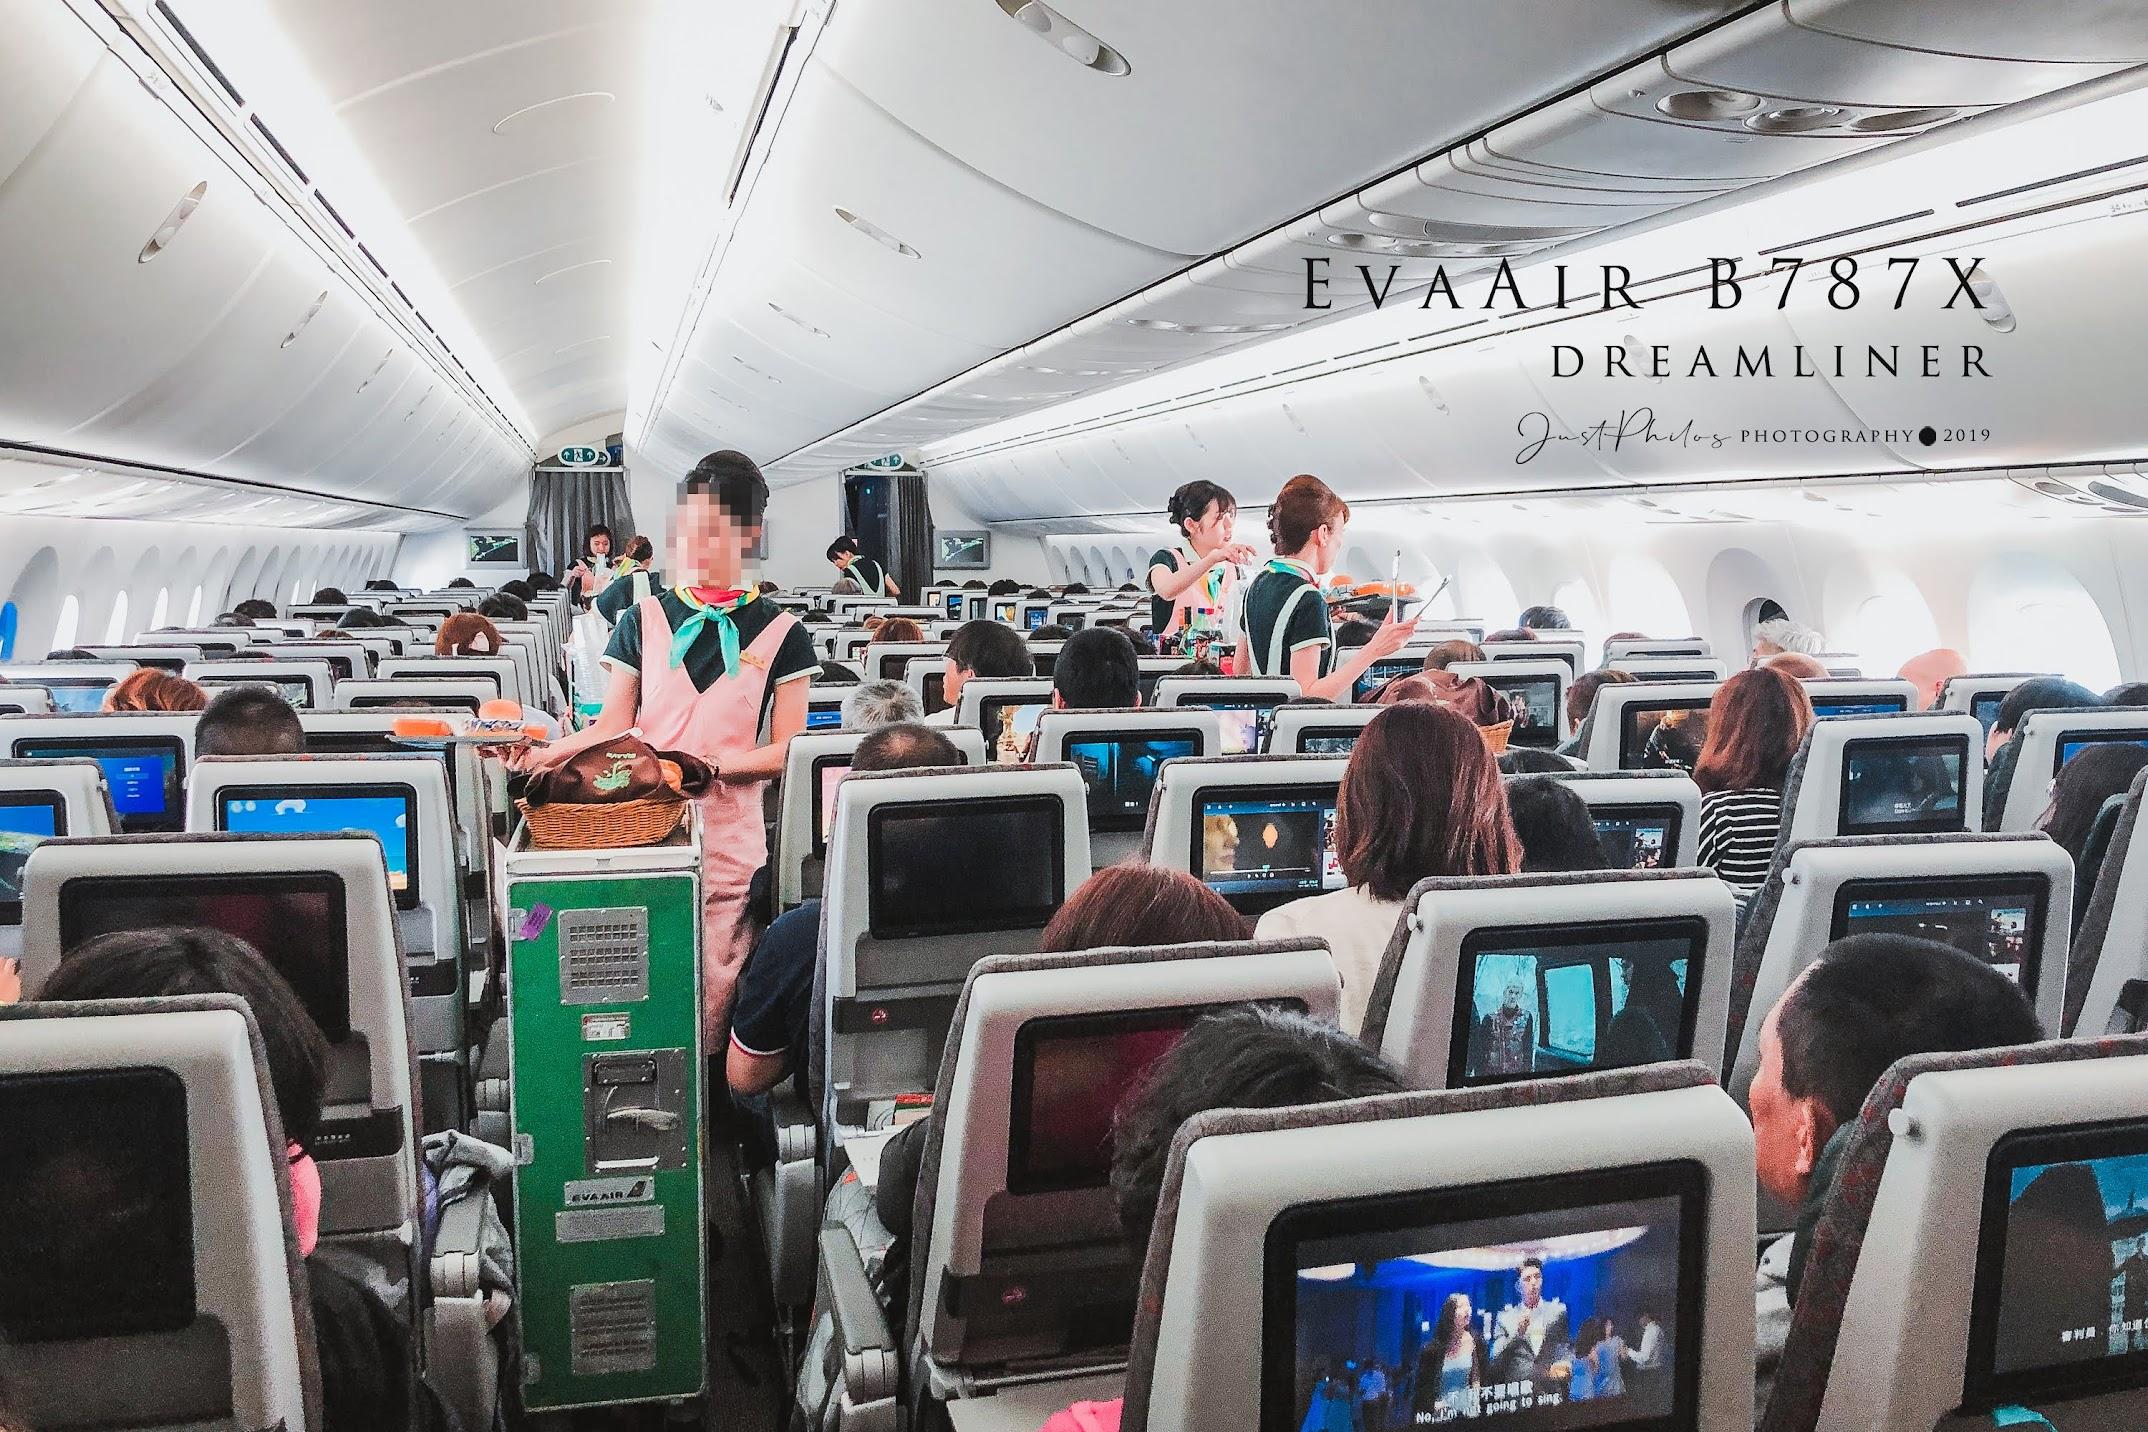 長榮B787客機的艙內相當明亮,等待空姐送餐的過程中只能在一旁等待。